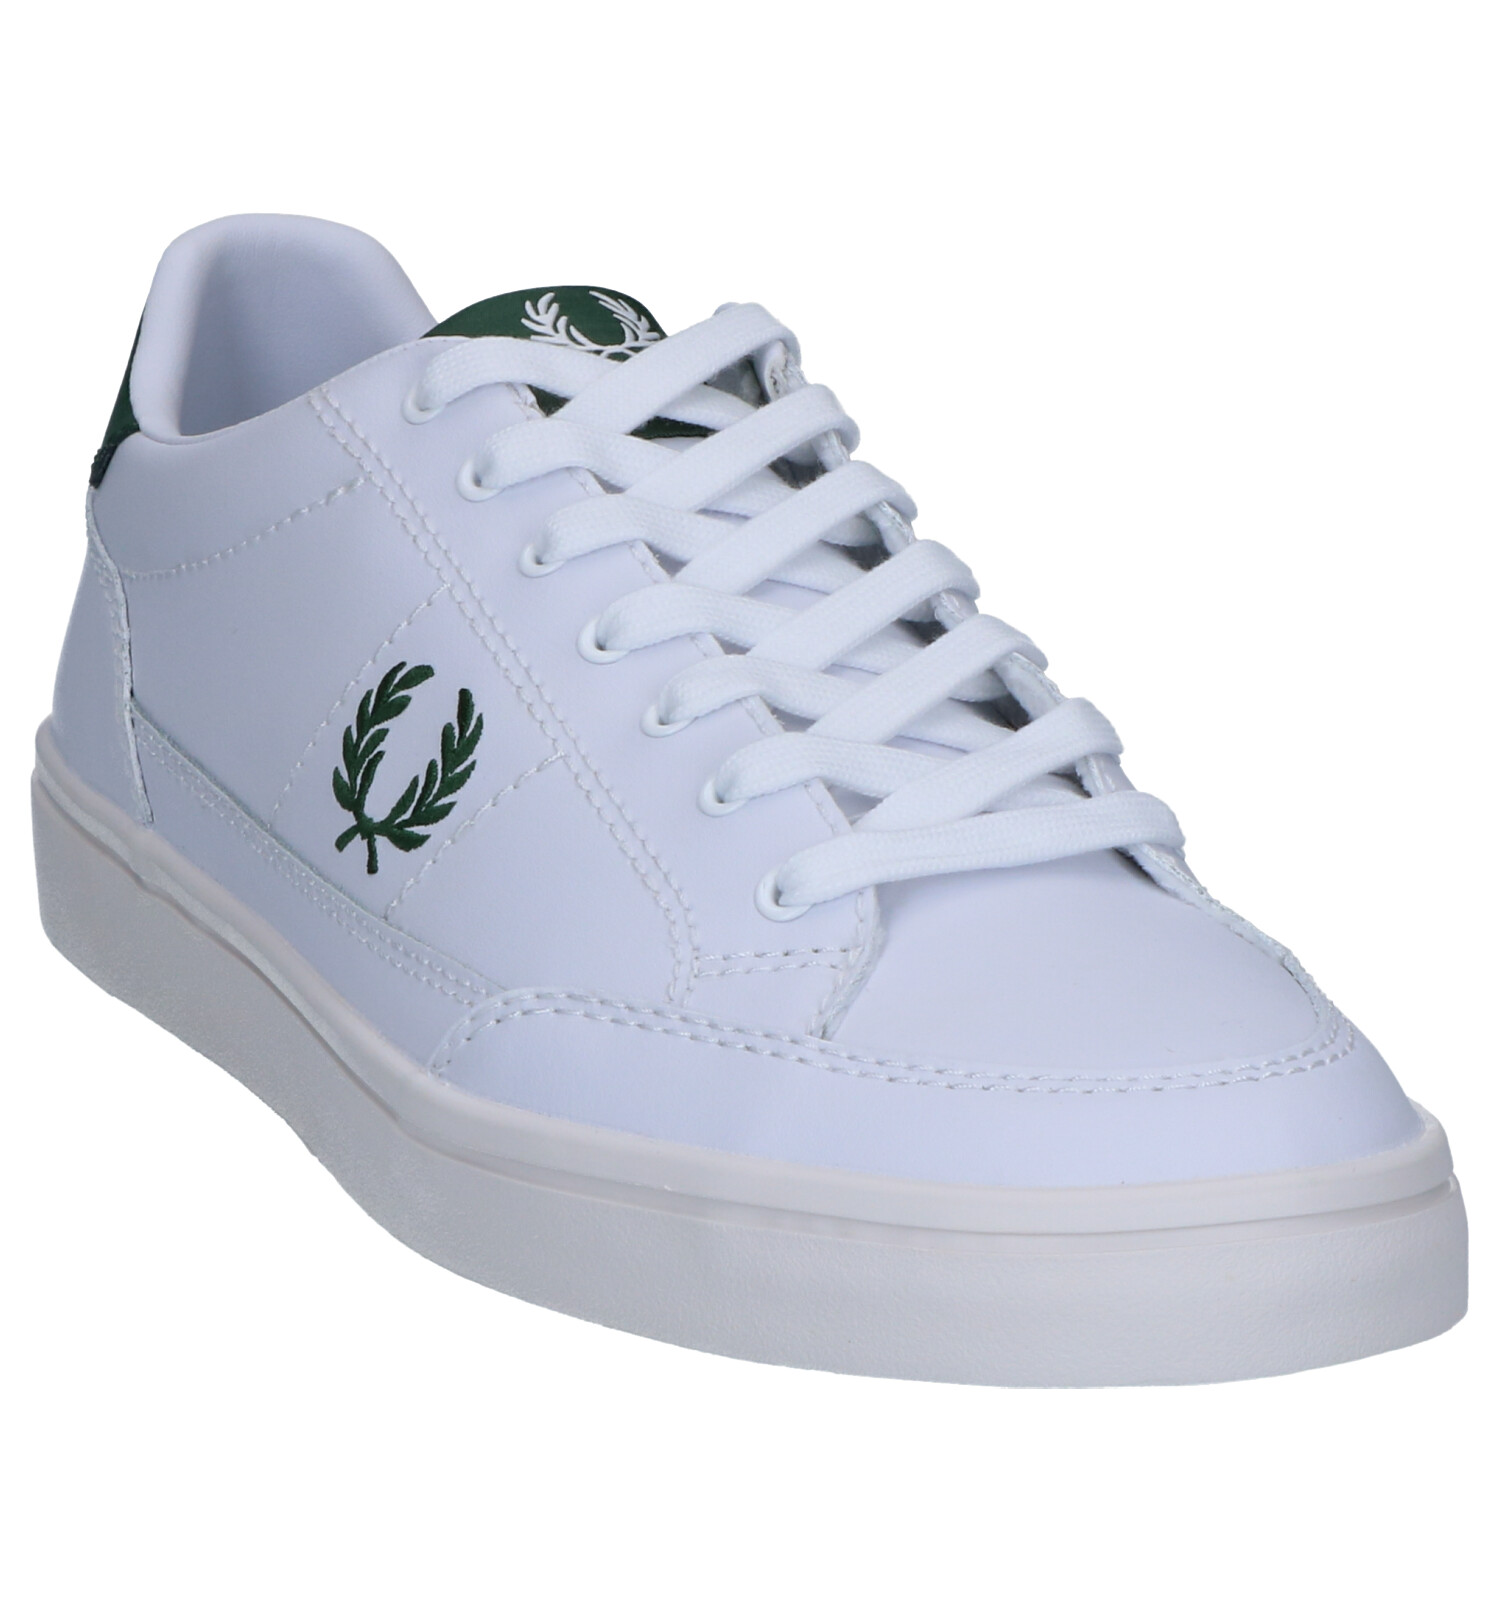 Witte Perry Perry Sneakers Perry Sneakers Witte Witte Fred Fred Witte Perry Fred Fred Sneakers 4Rq35AjL